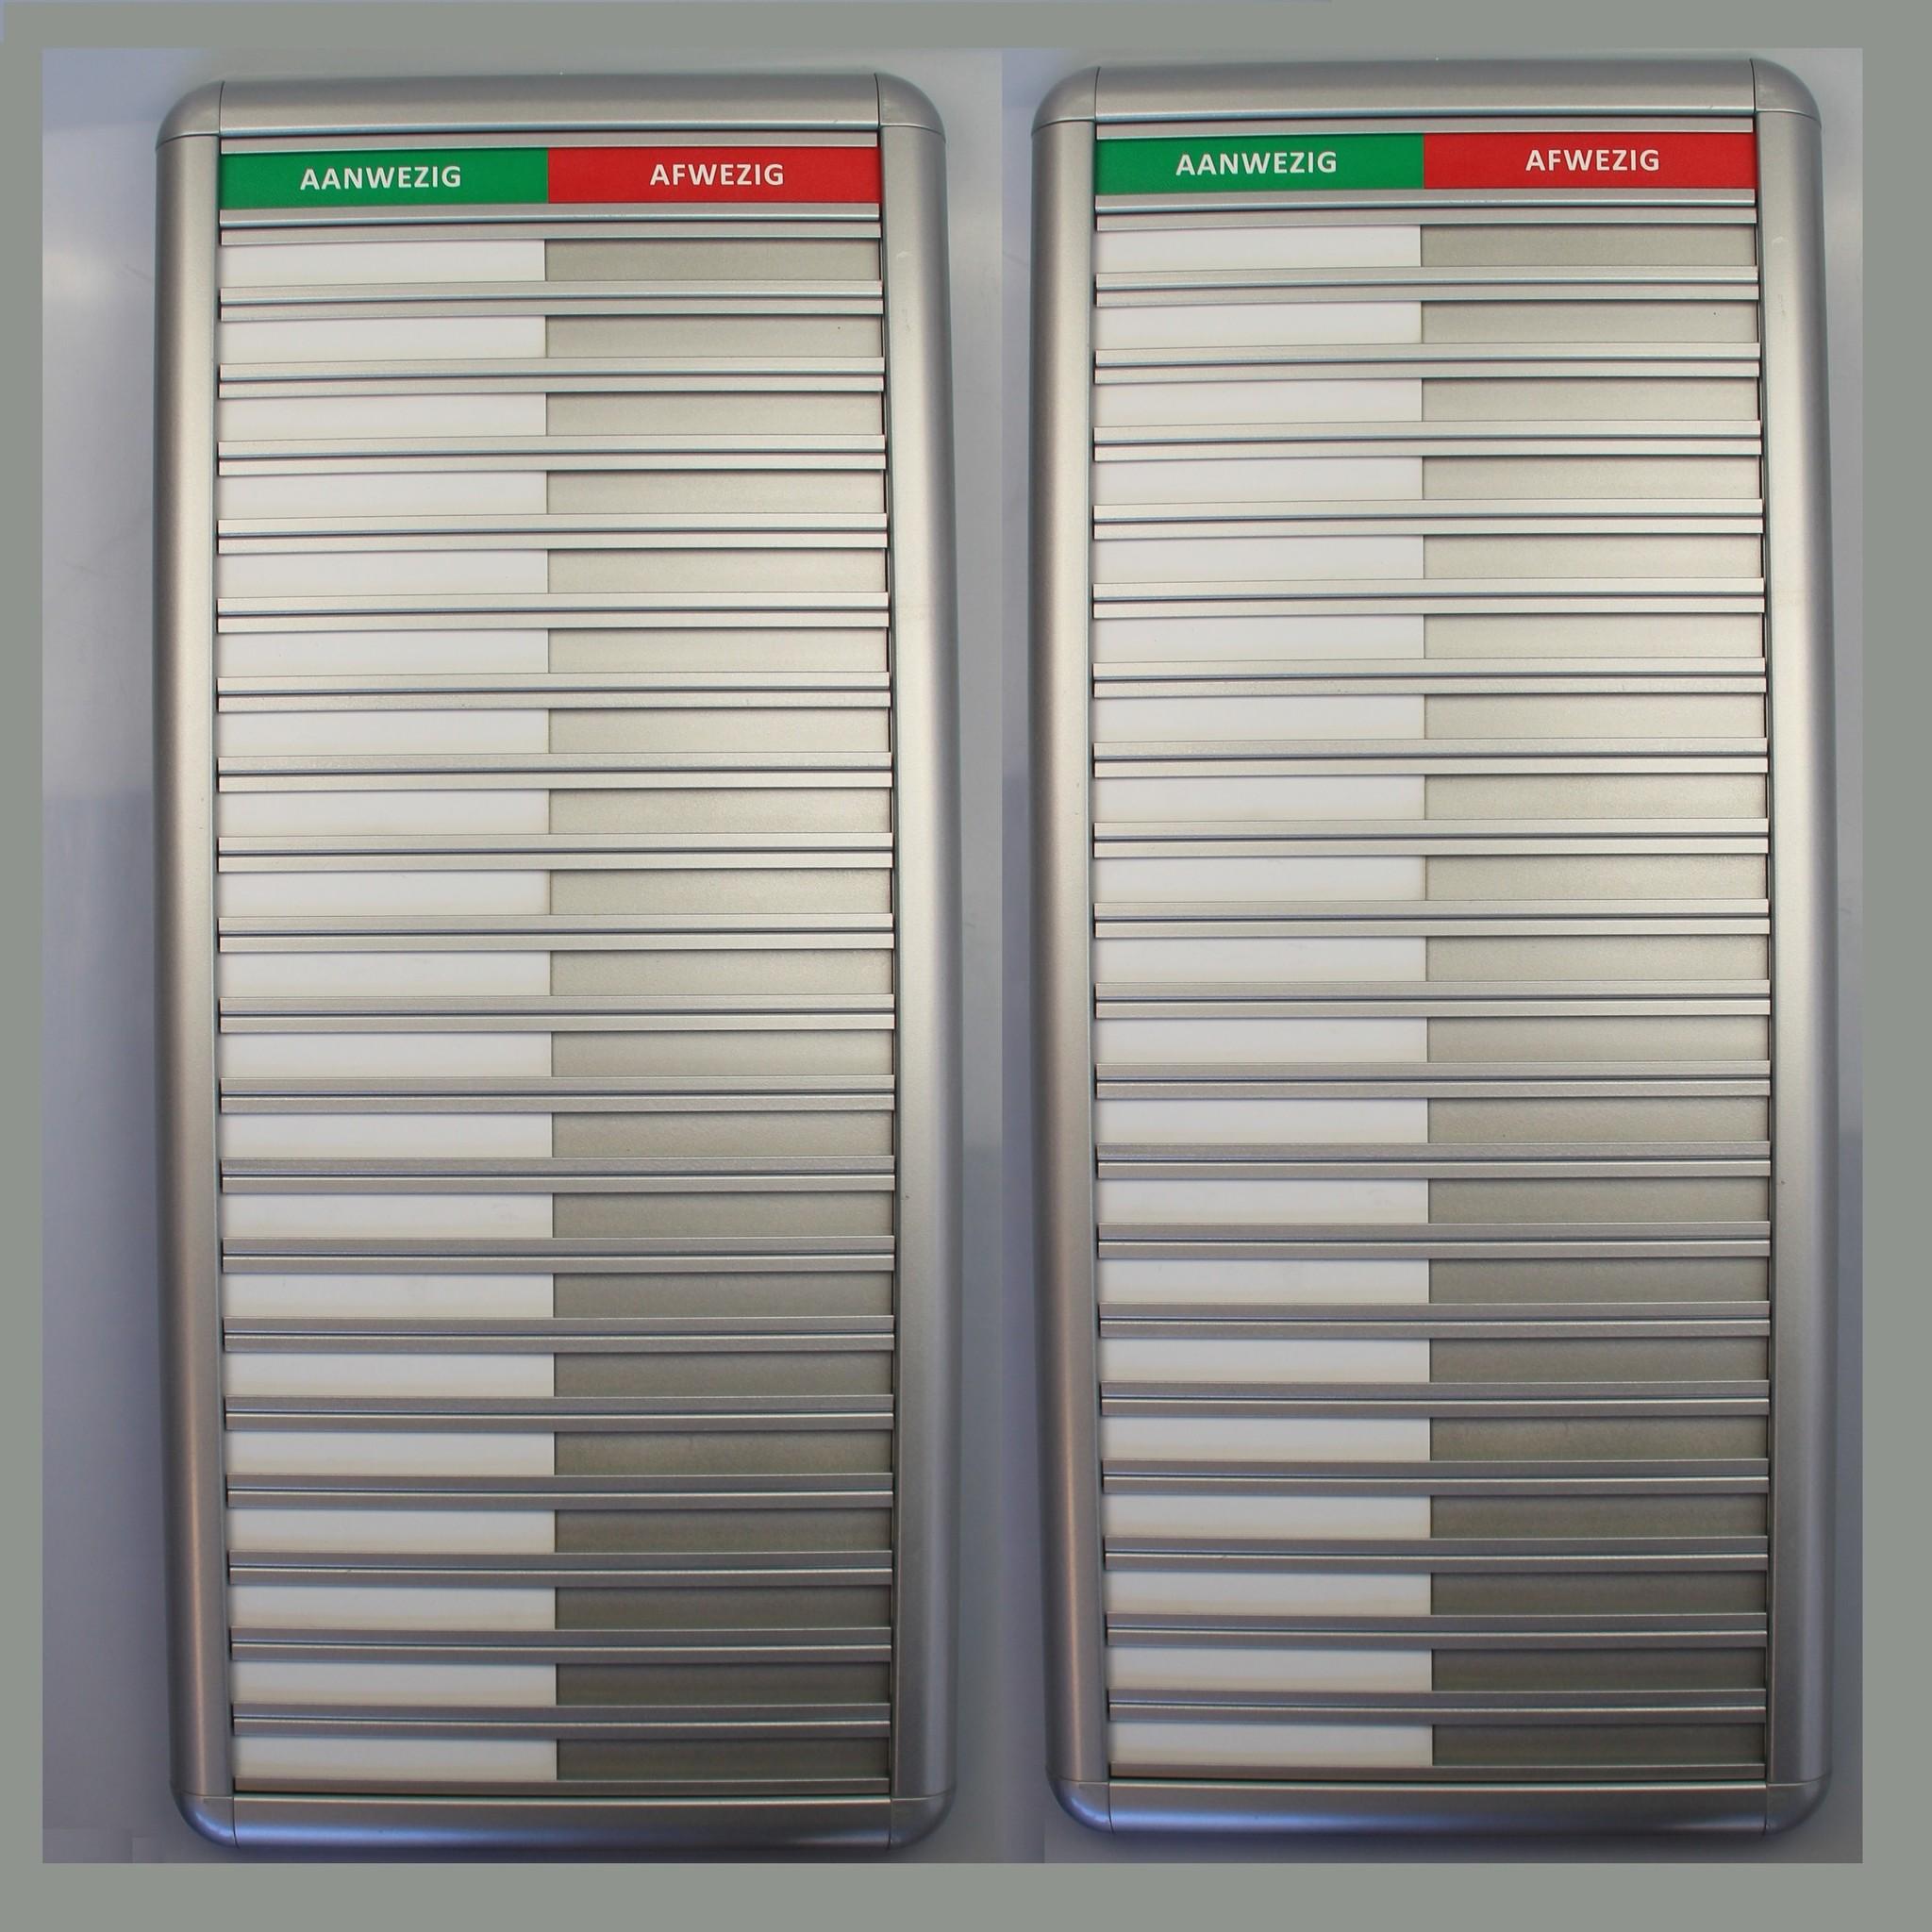 CombiCraft Aluminium Aanwezigheidsbord - Afwezigheidsbord voor 20 personen